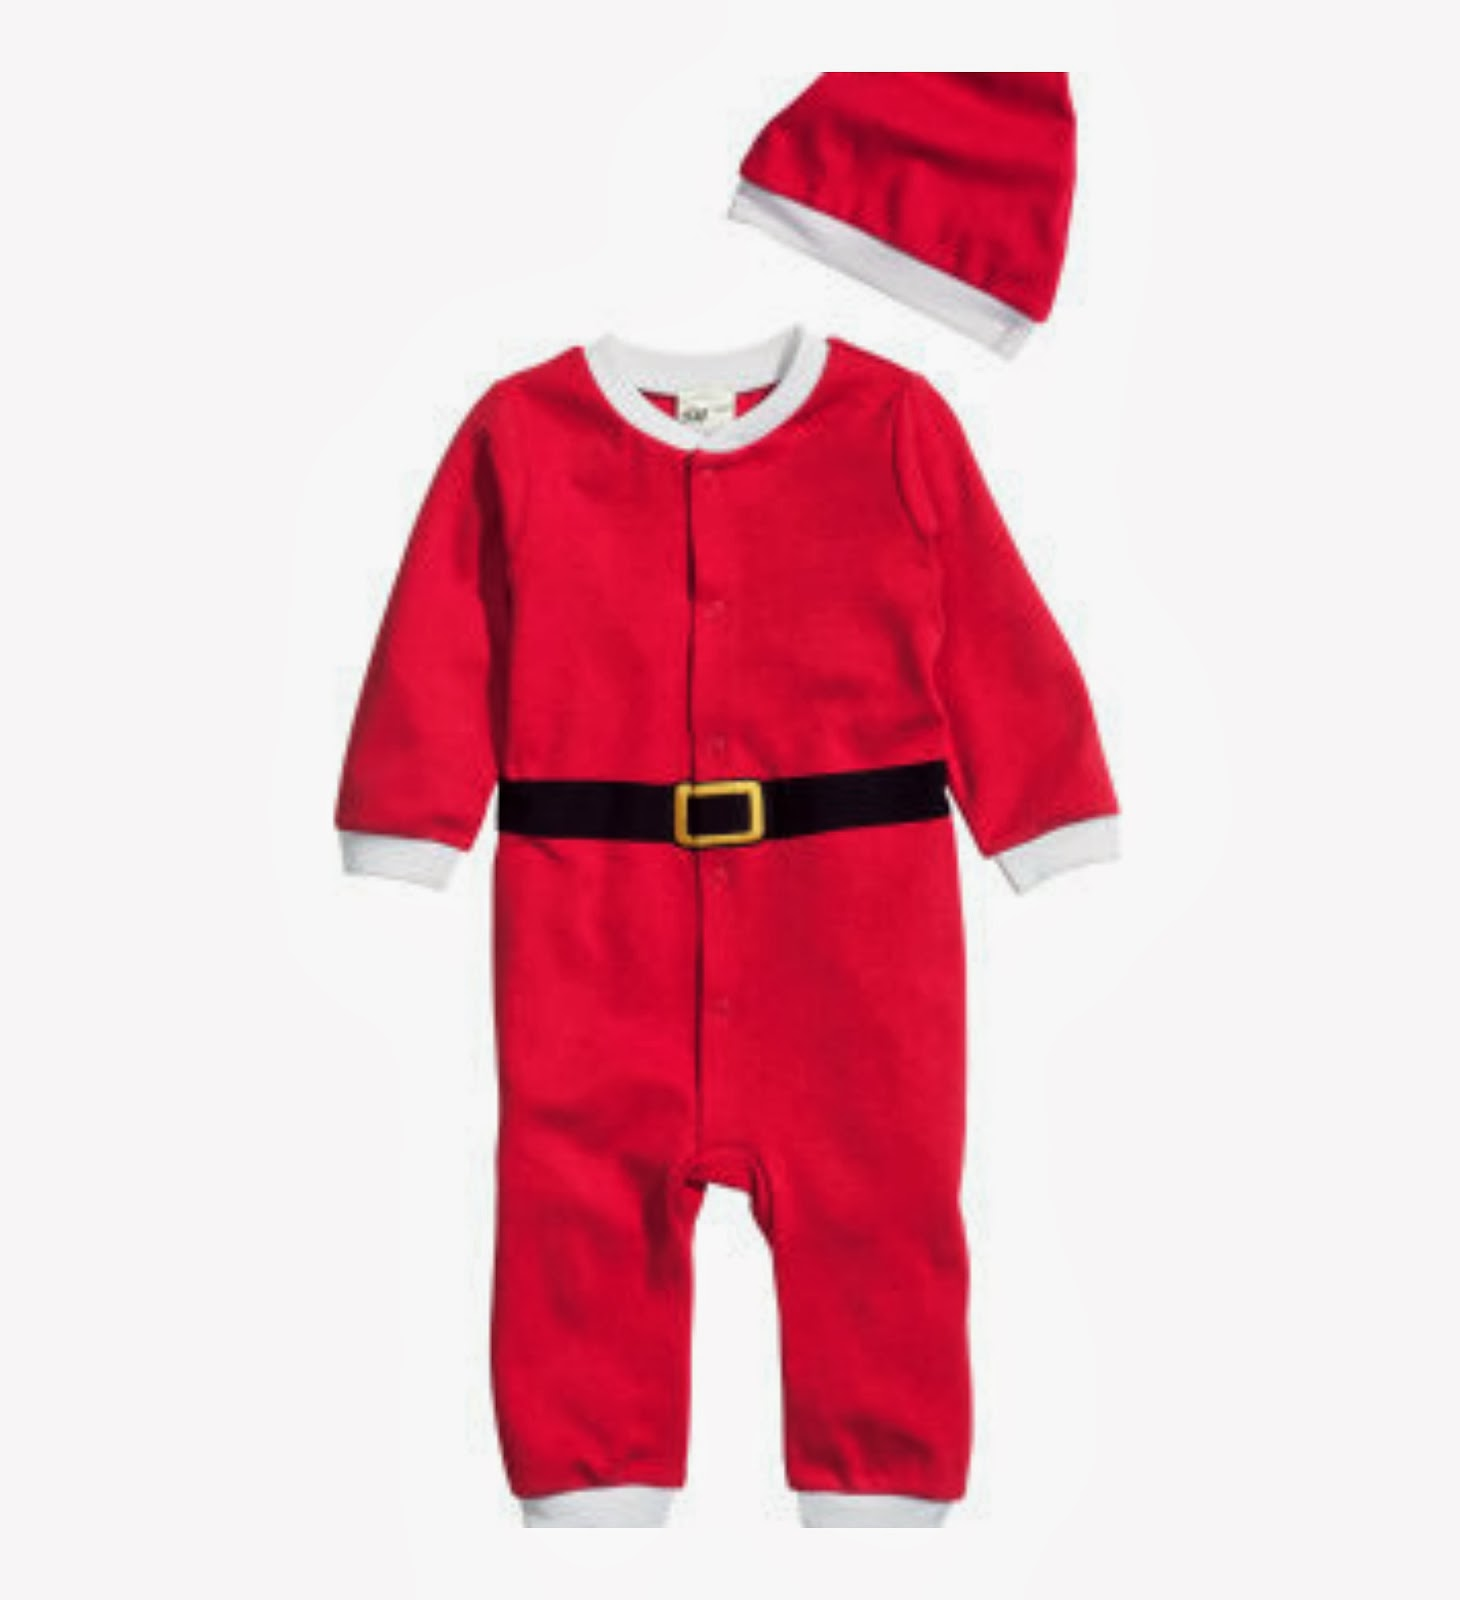 mujer invierno mujer papa pijama papa pijama invierno invierno pijama noel  mujer noel pwxx8IS f8f9332da7445